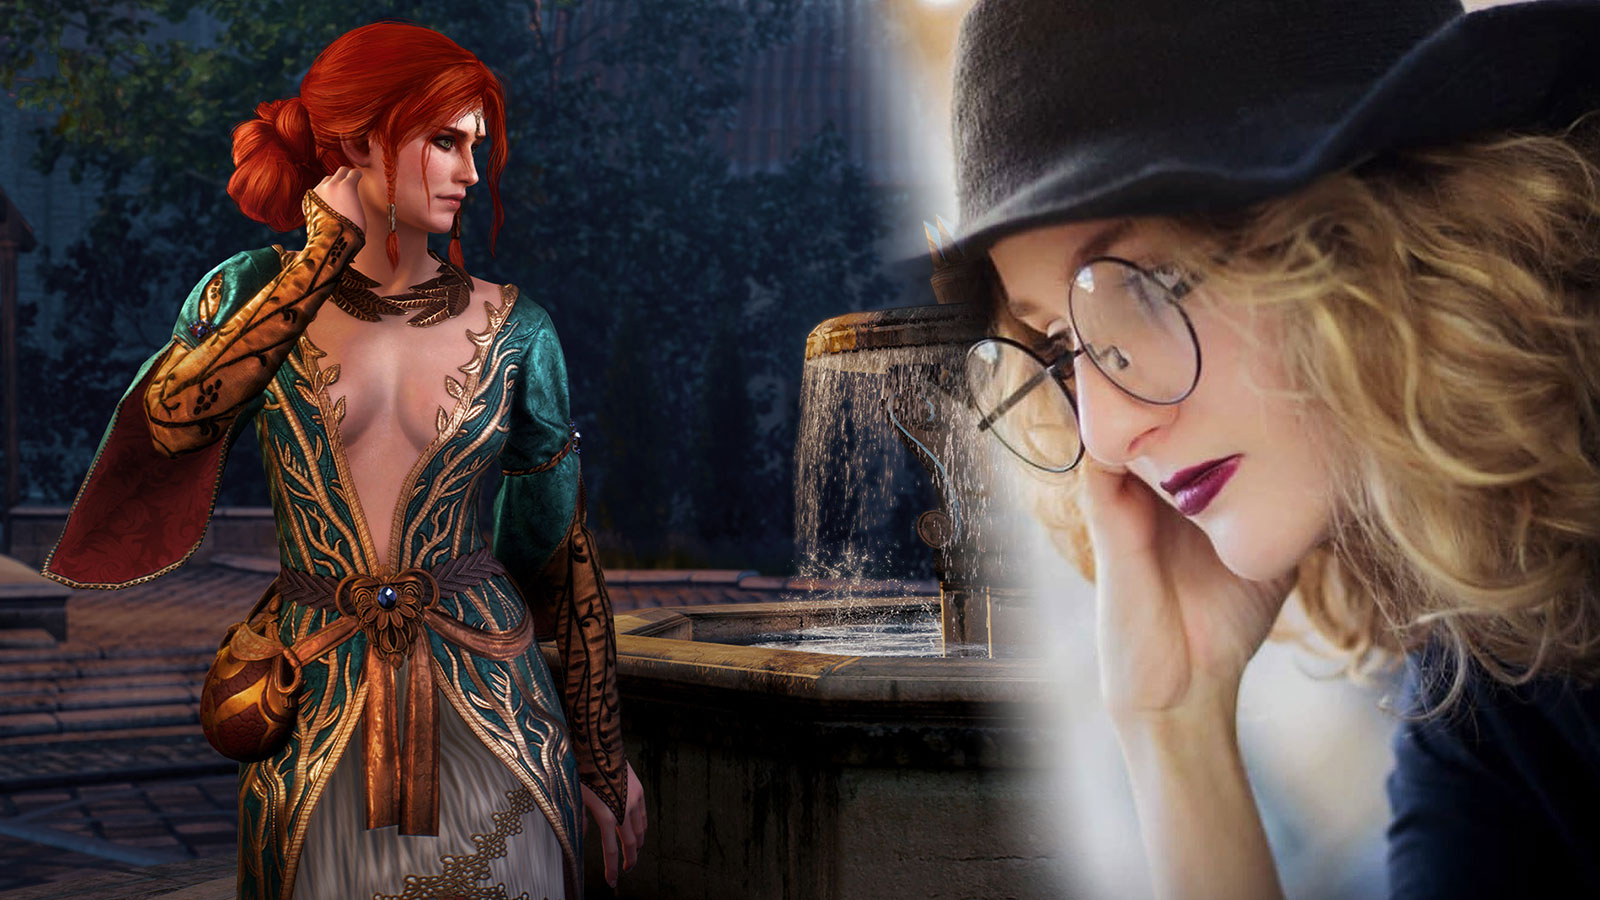 Une cosplayeuse de The Witcher a parfaitement incarne Triss Merigold